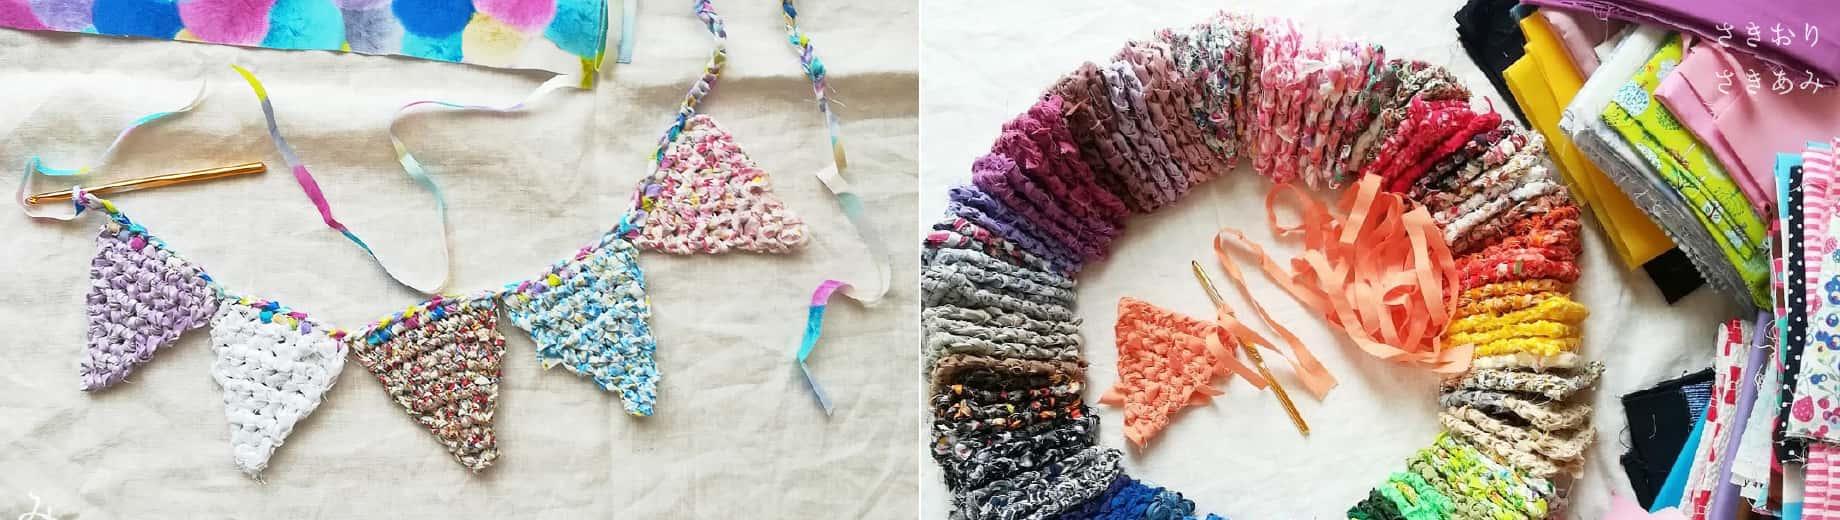 atelierみつまり「裂き編みガーランドづくり」